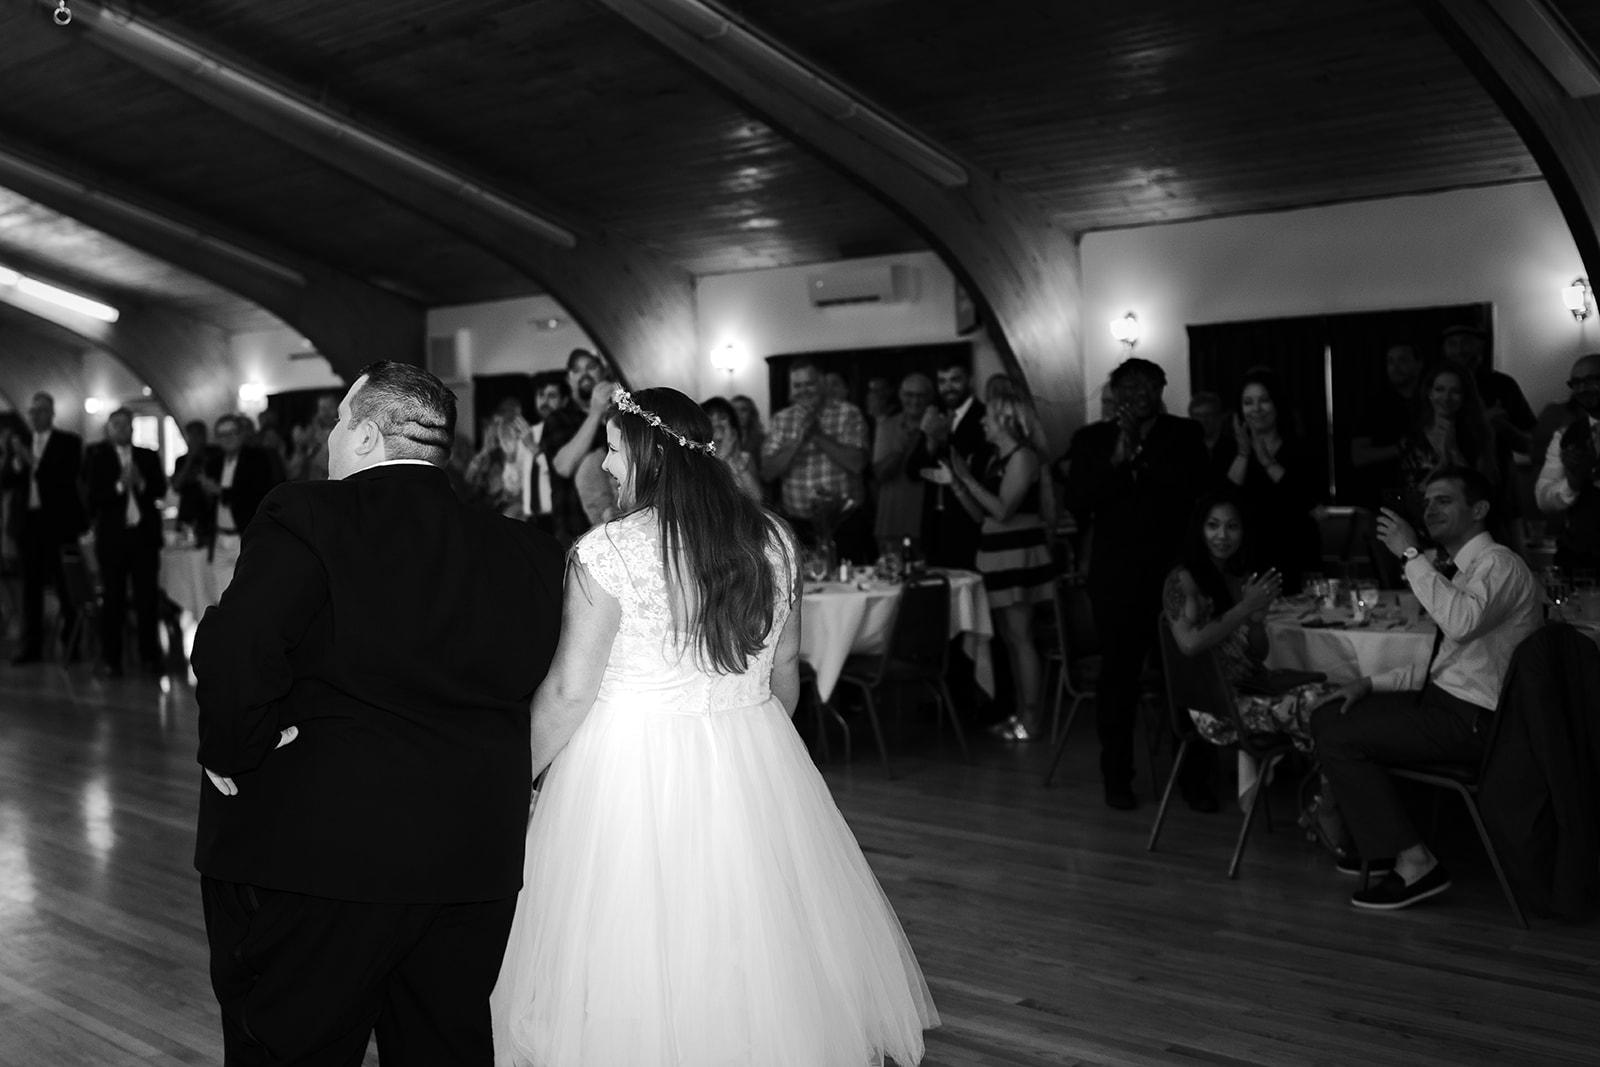 coastal wedding plus size couple rockland maine vesper hill childrens chapel 50